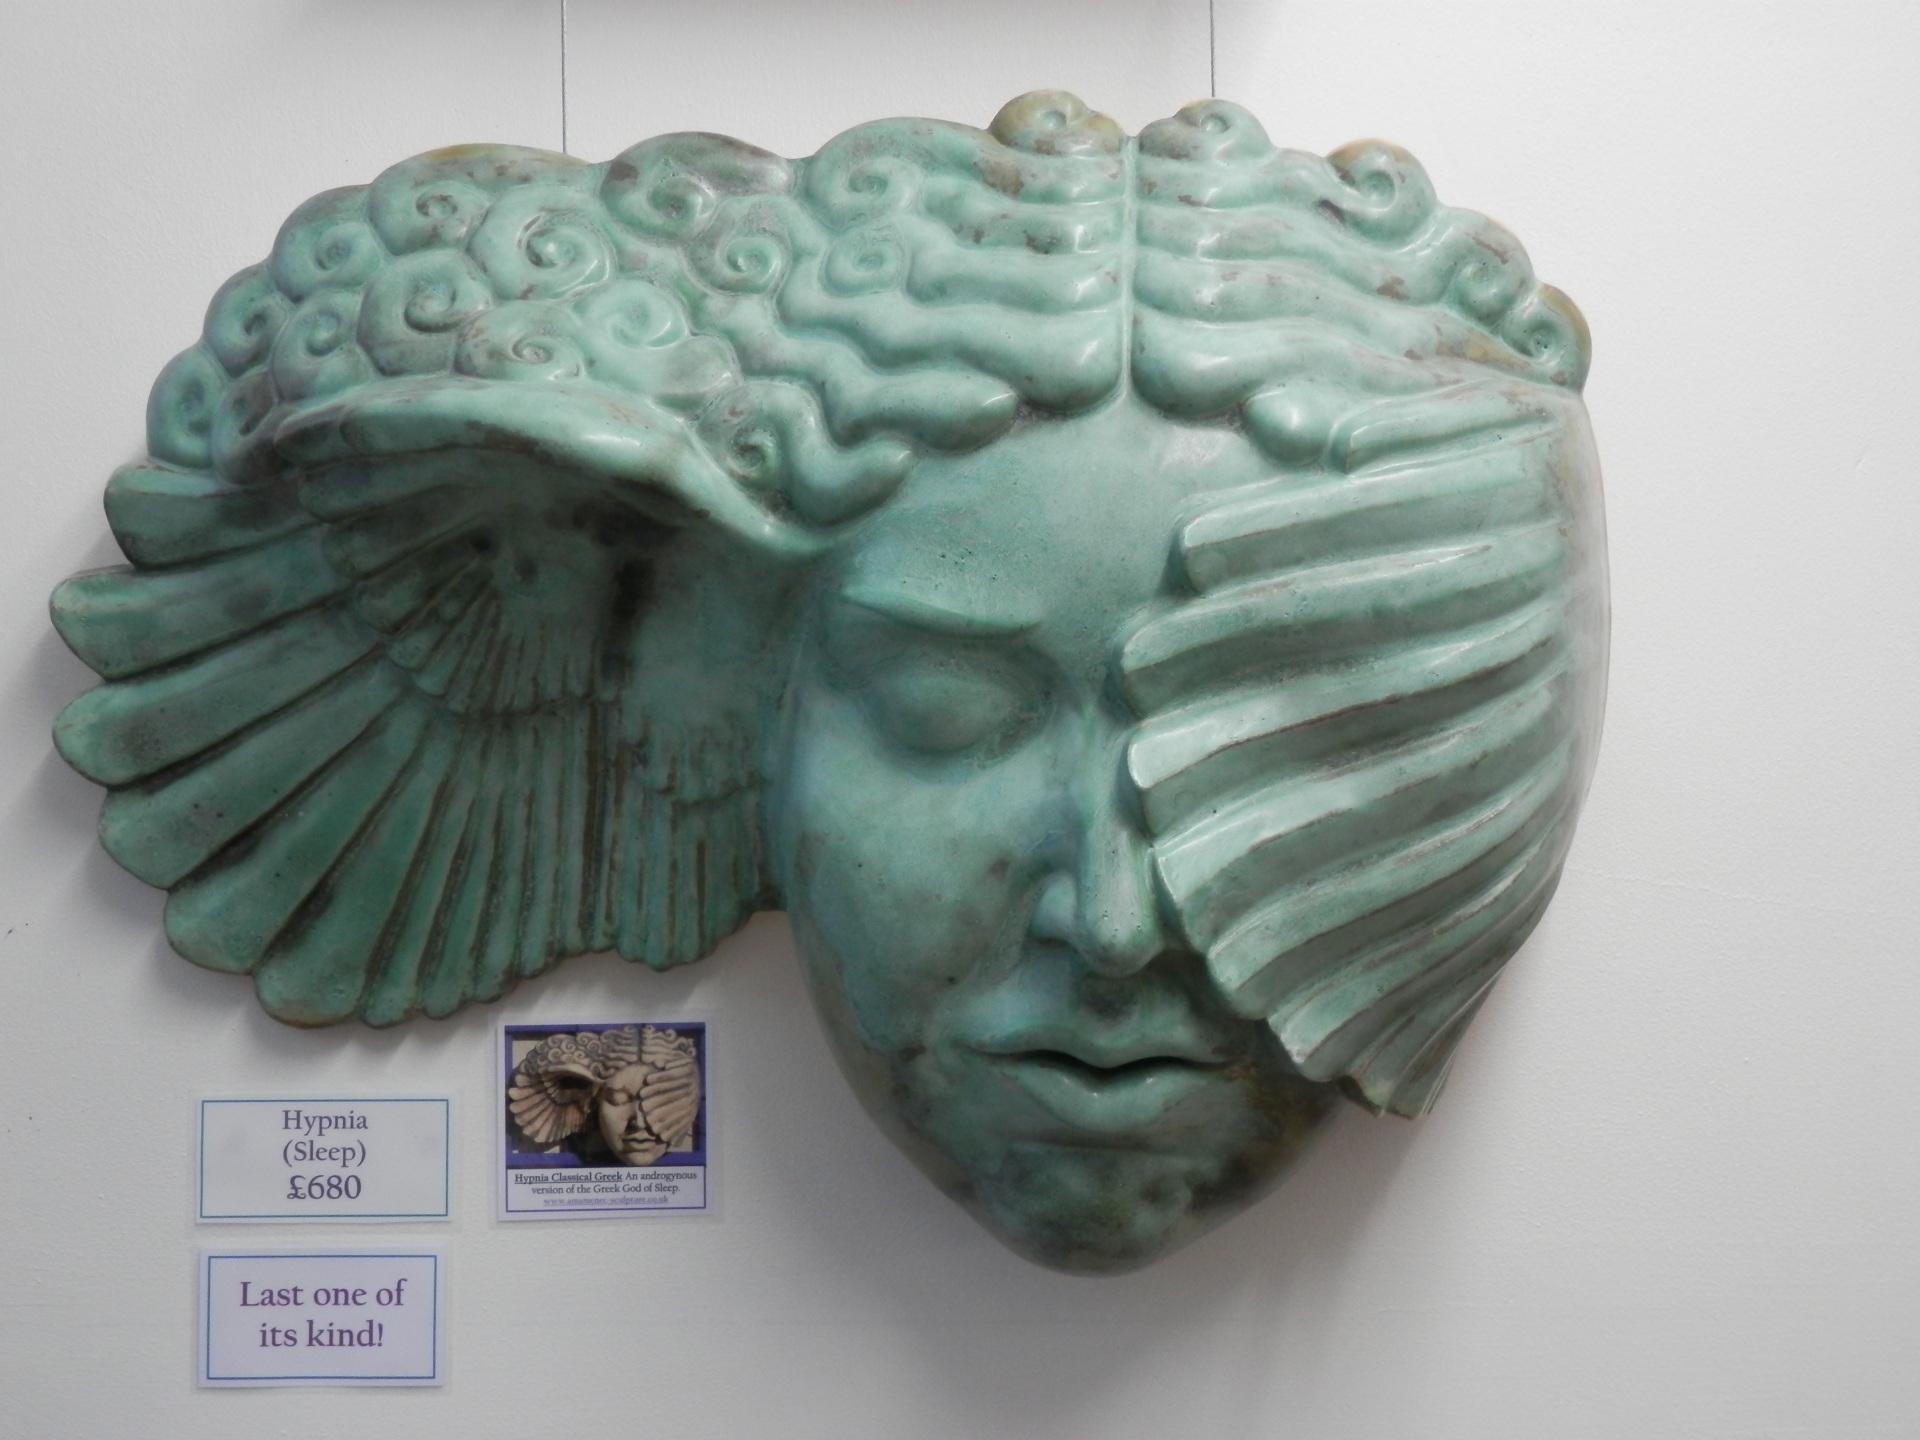 Hypnia, ceramic head, hypnos